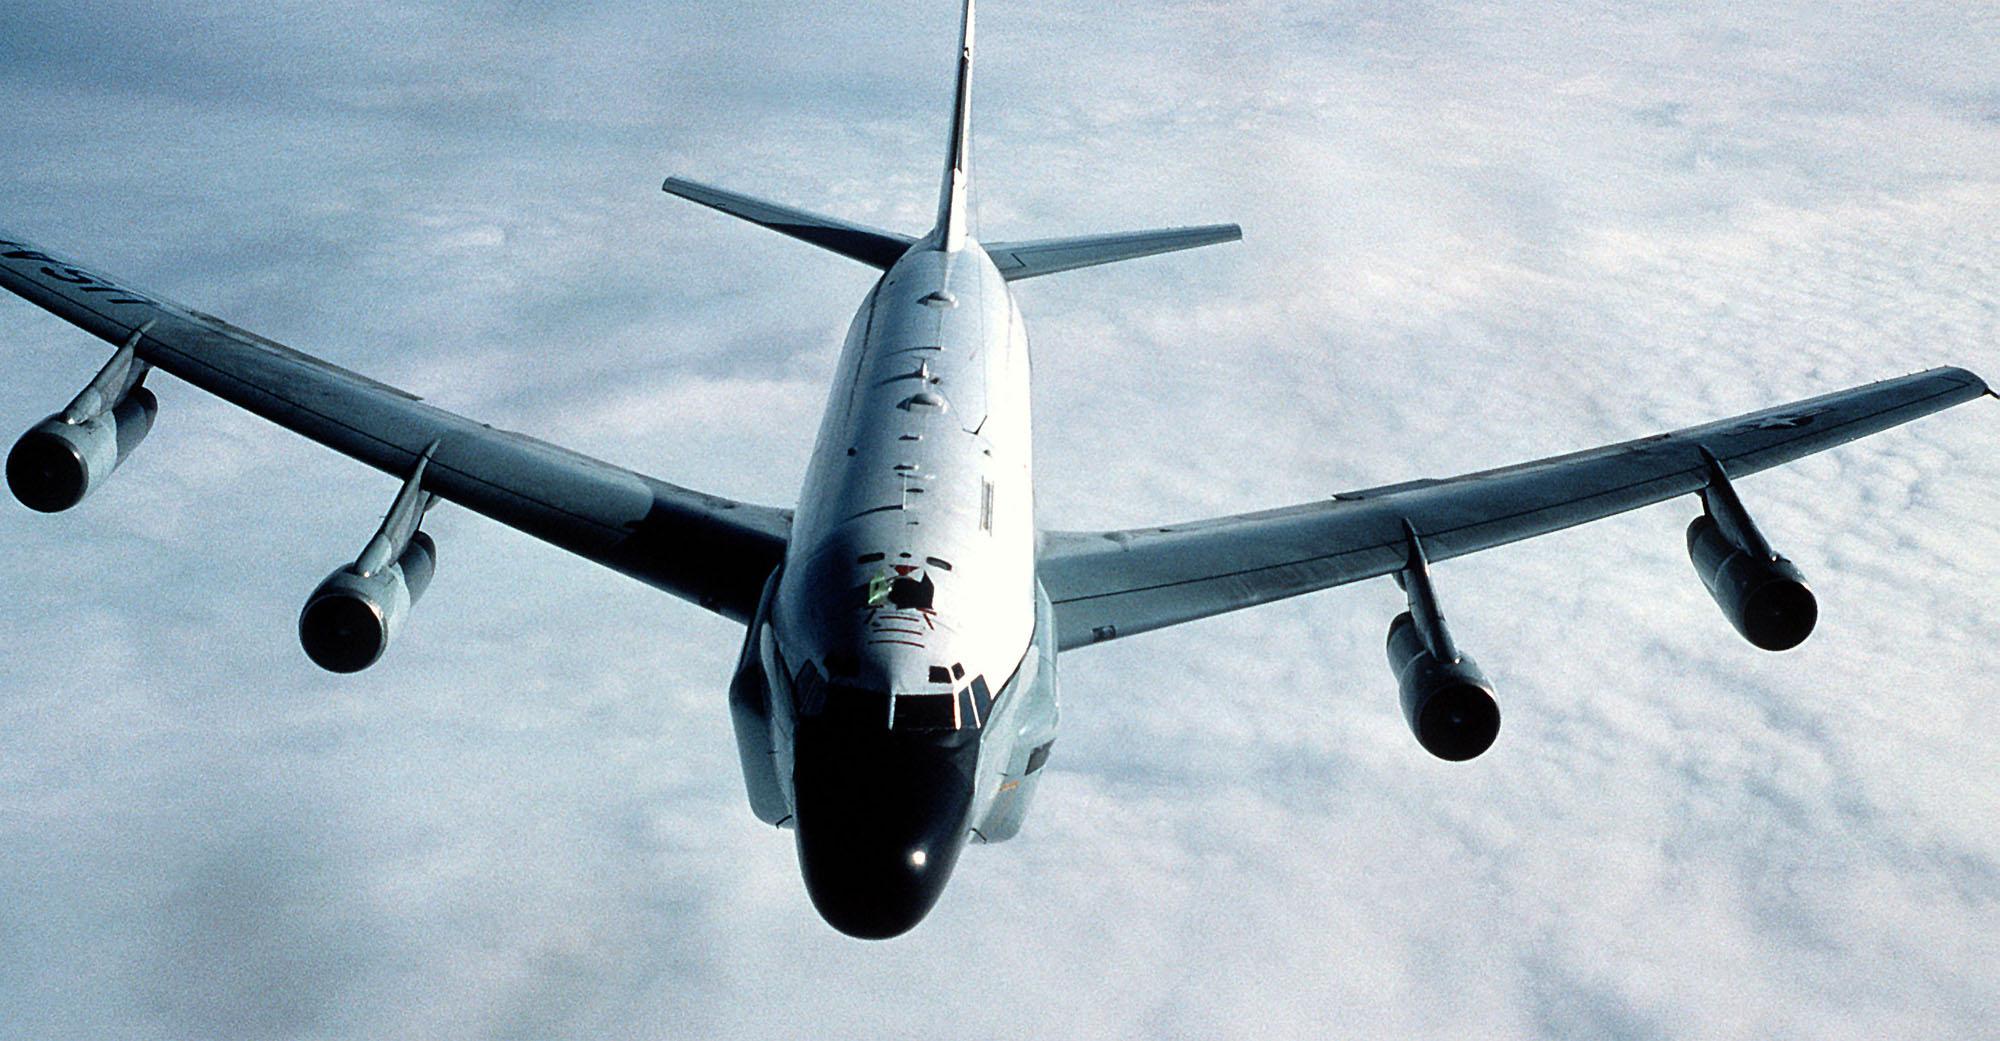 中共2020年04月10日派出轟6、空警500、殲11等機,在台灣西南方海域執行遠海長航訓練;美軍中午時也隨即出動一架RC-135U電偵機飛進巴士海峽,往台灣西南海域偵巡。圖為RC-135U電偵機。(Getty Images)